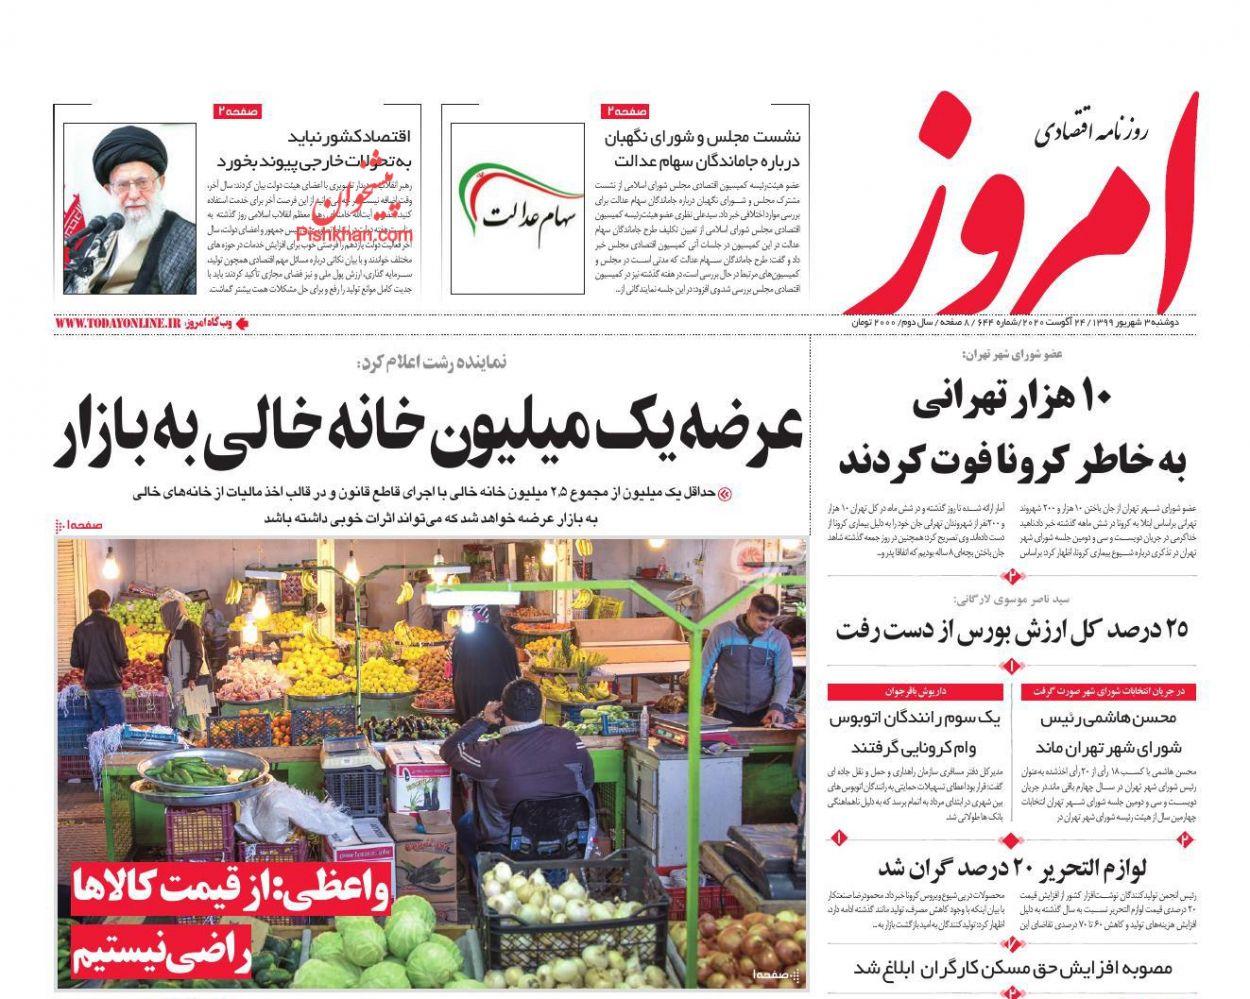 عناوین اخبار روزنامه امروز در روز دوشنبه ۳ شهریور